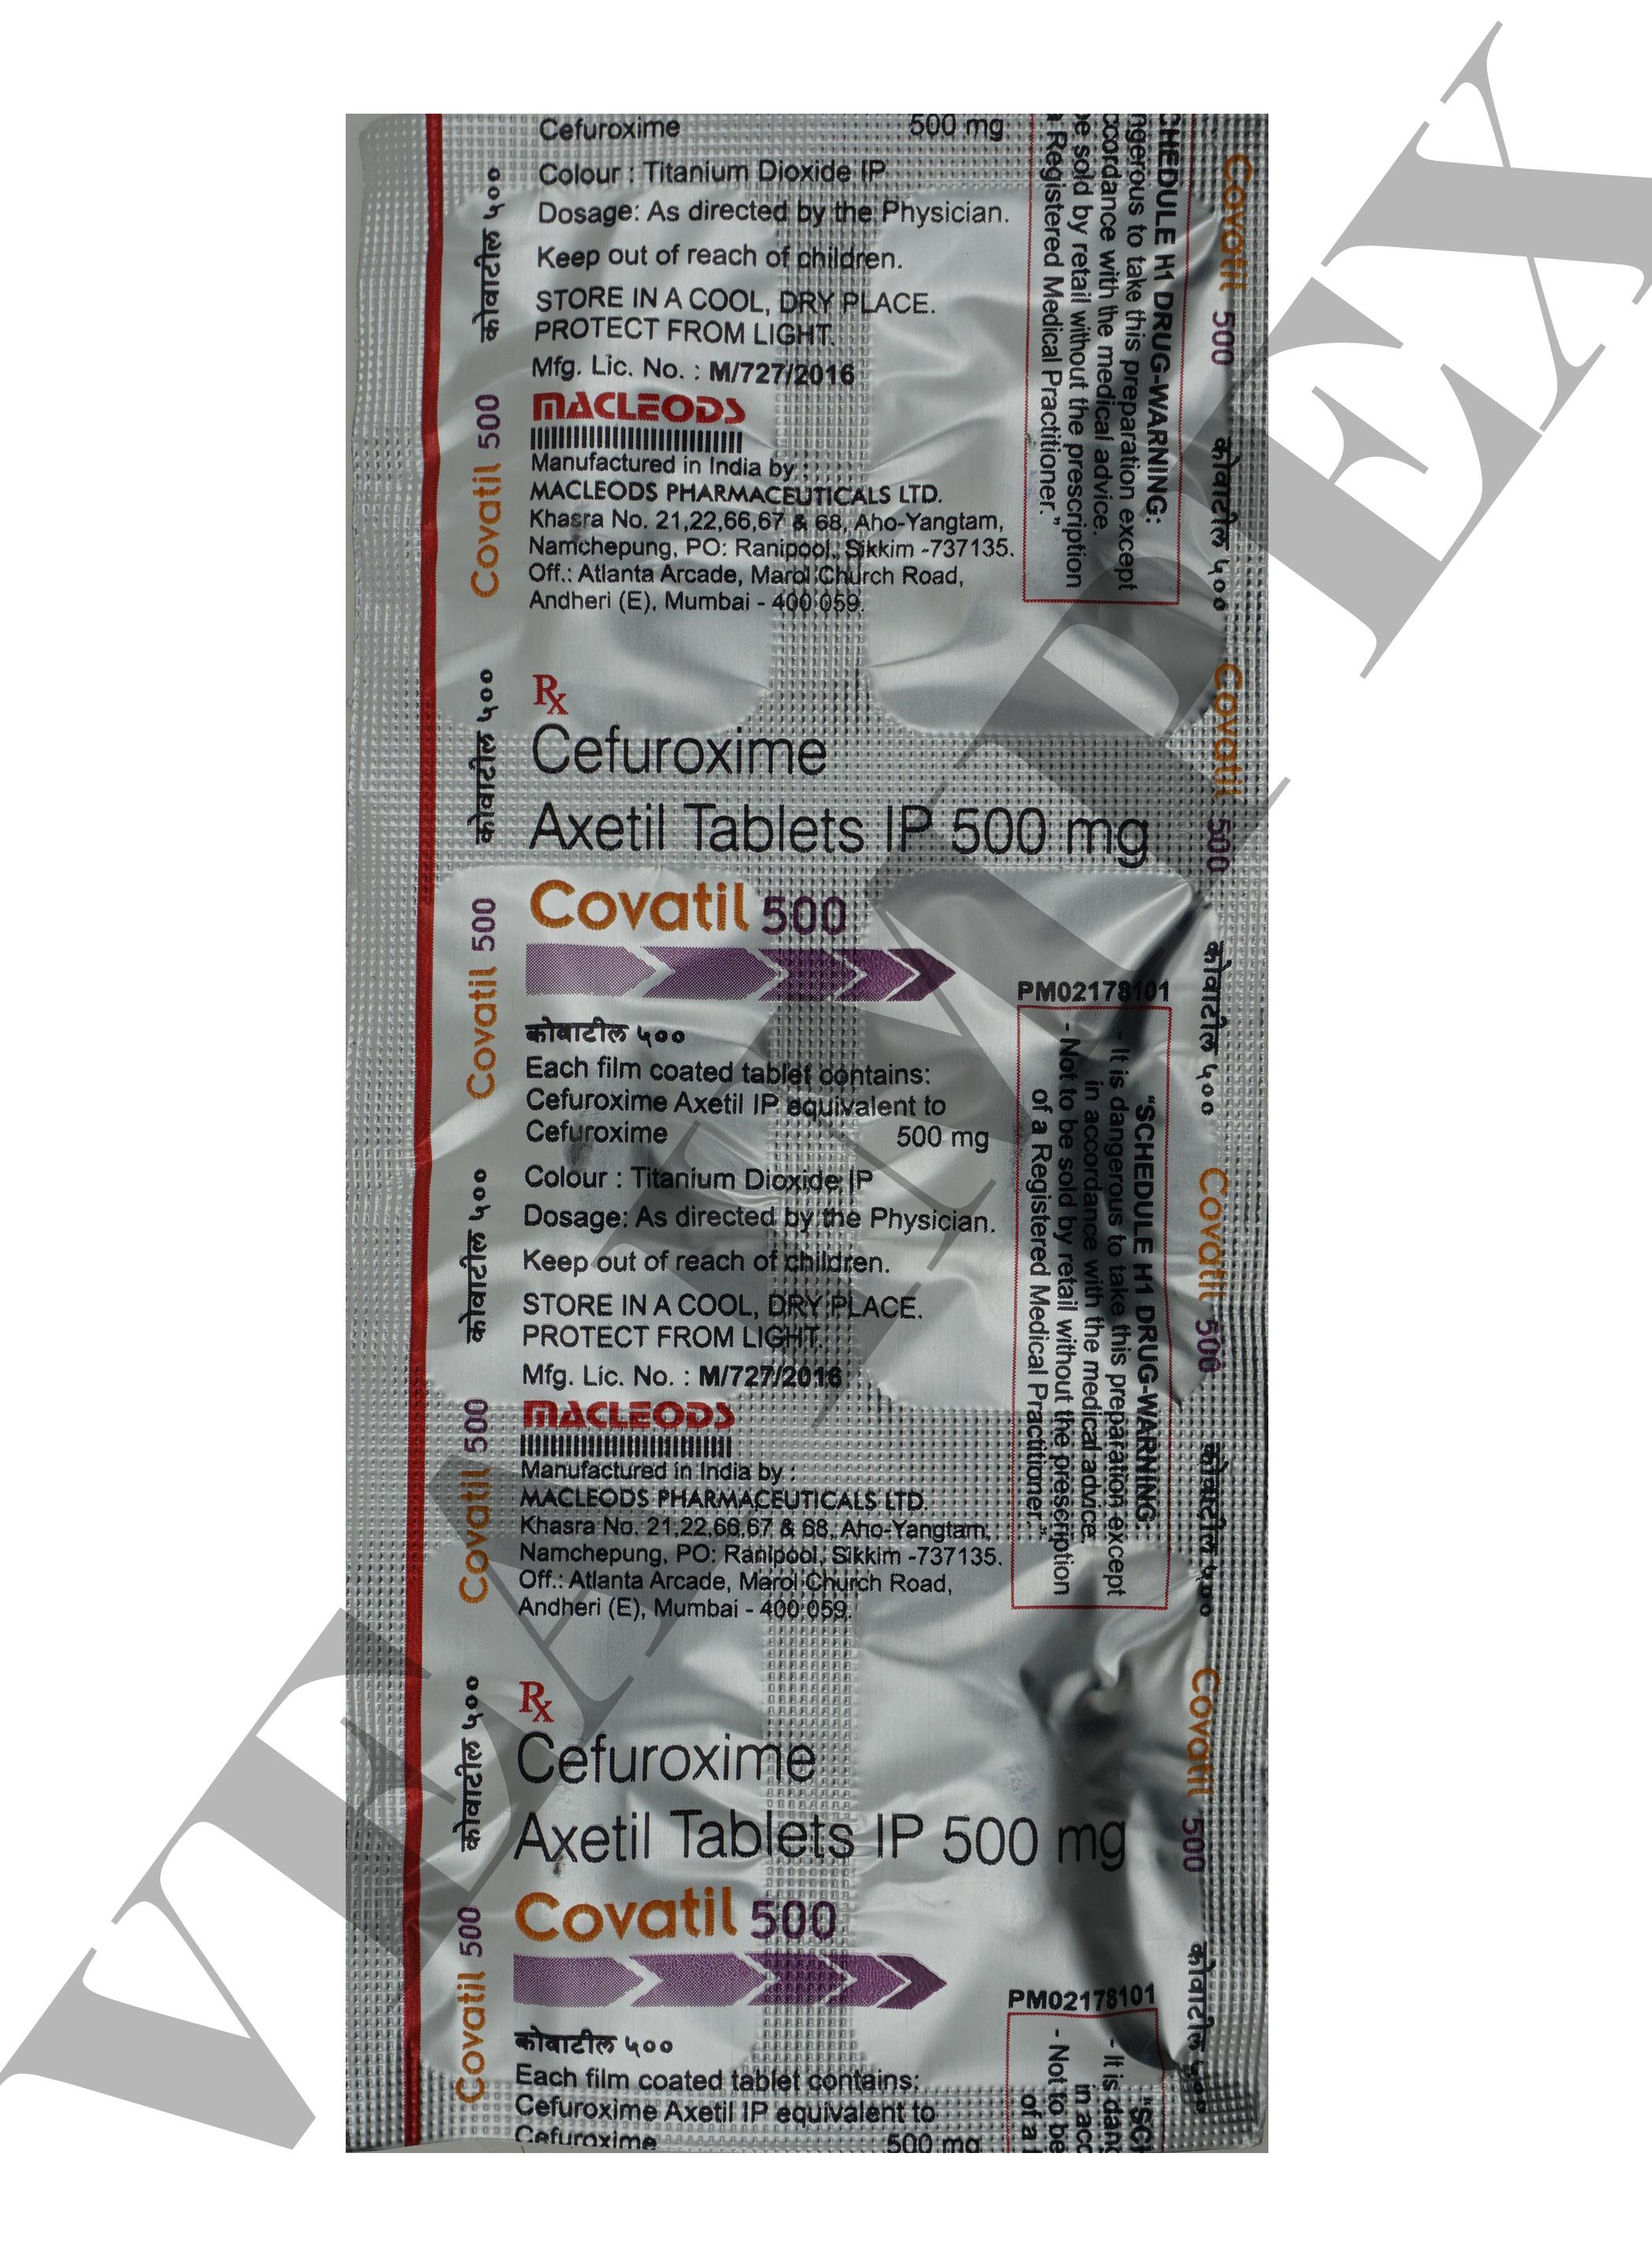 Covatil 500 MG Tablets